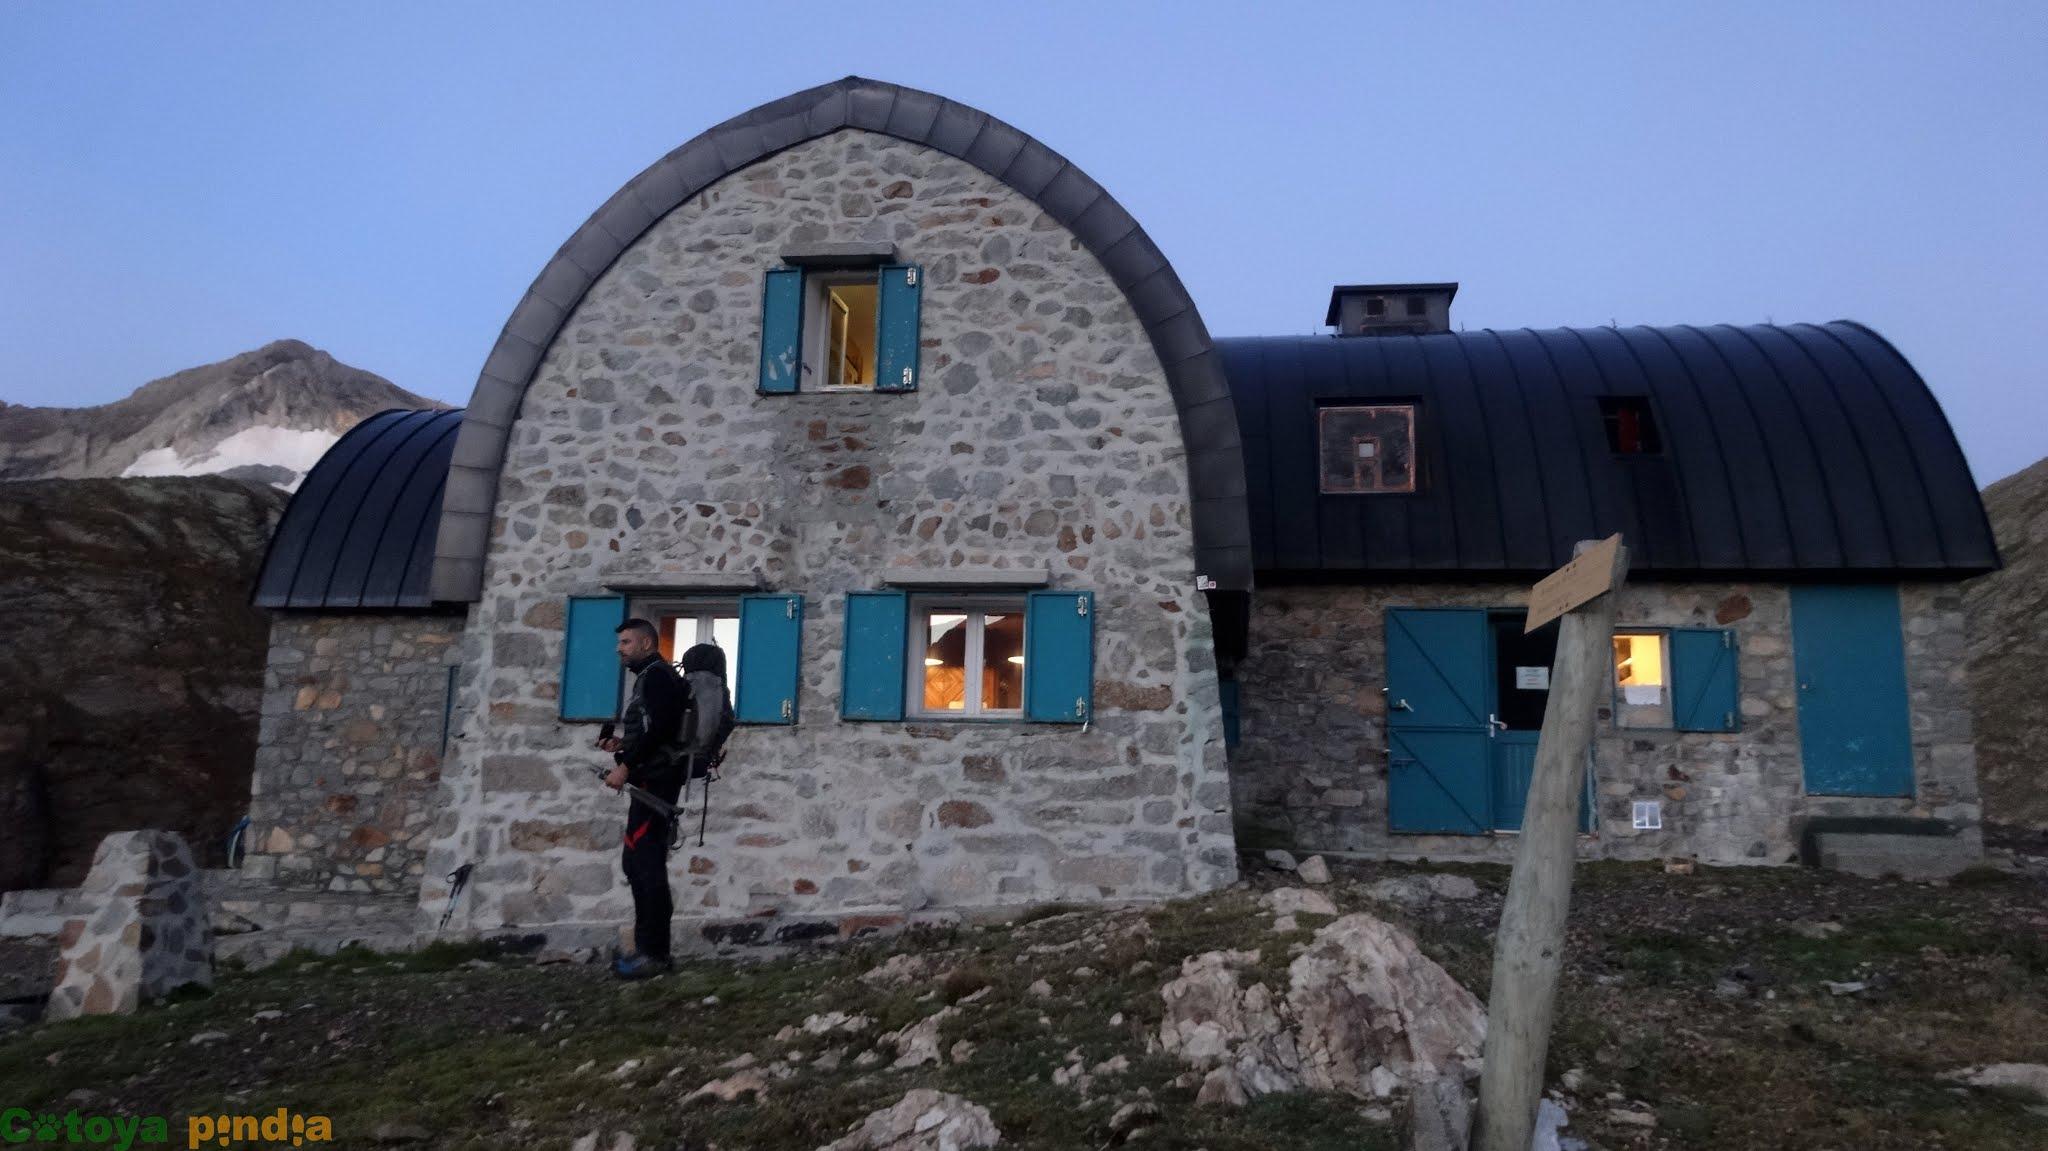 Refugio de Bayssellance, en la ruta al Pico Vignemale, el más alto de los Pirineos franceses.